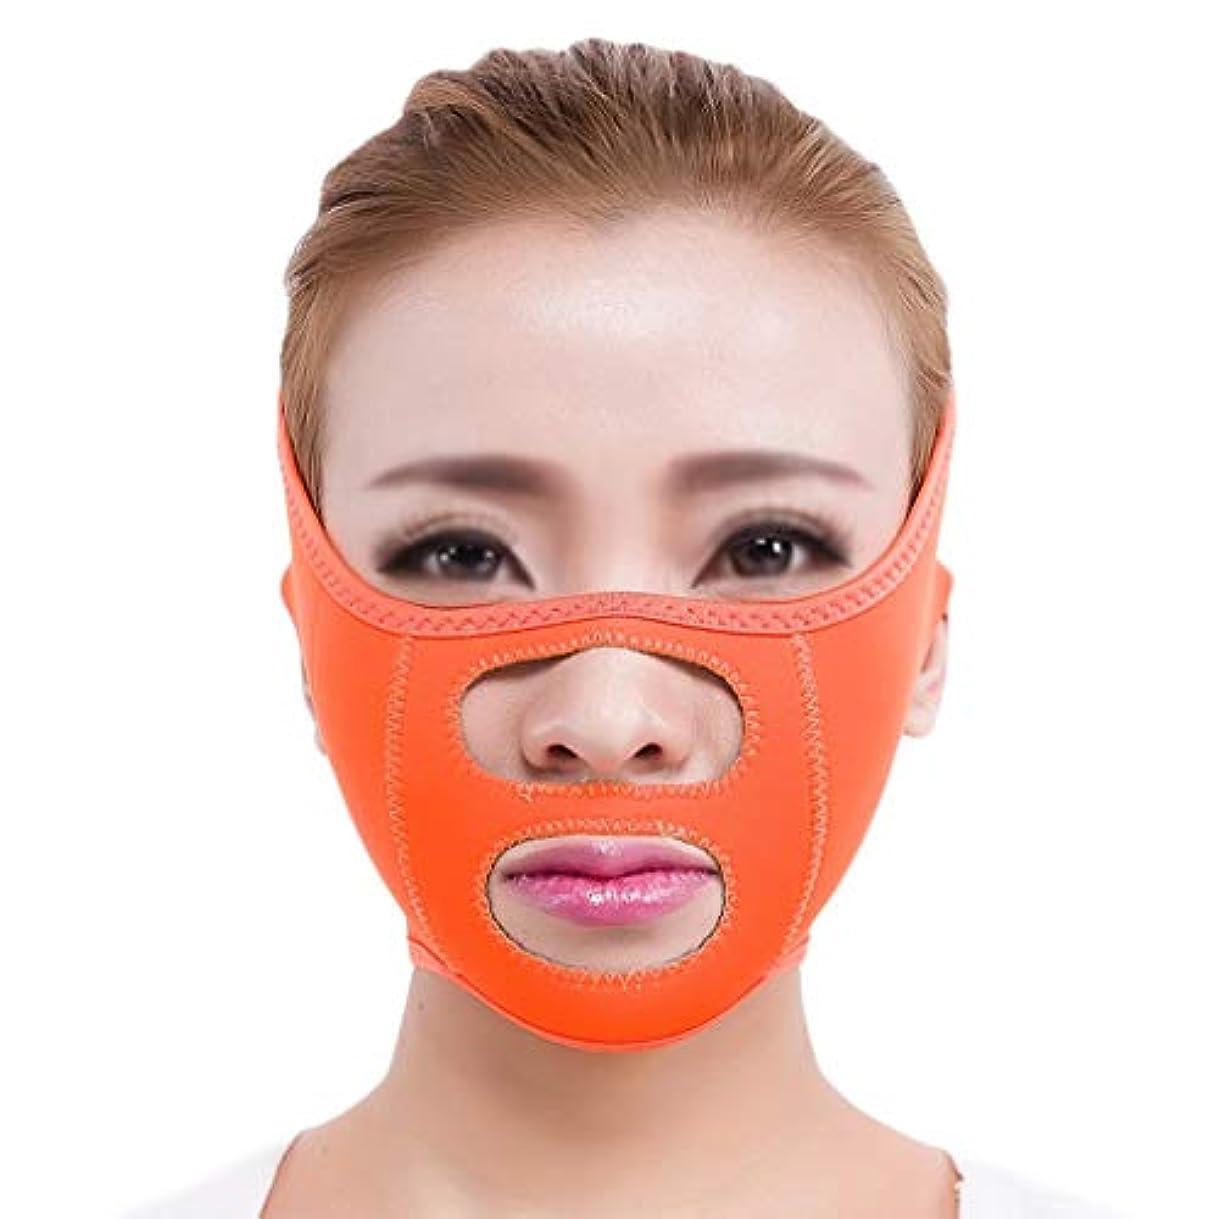 呼びかけるマイナス例示するあごのストラップ、フェイスリフティングマスク、二重あご、フェイスリフティングに最適、リフティングフェイシャルスキン、フェイシャル減量マスク、フェイスリフティングベルト(フリーサイズ) (Color : Orange)